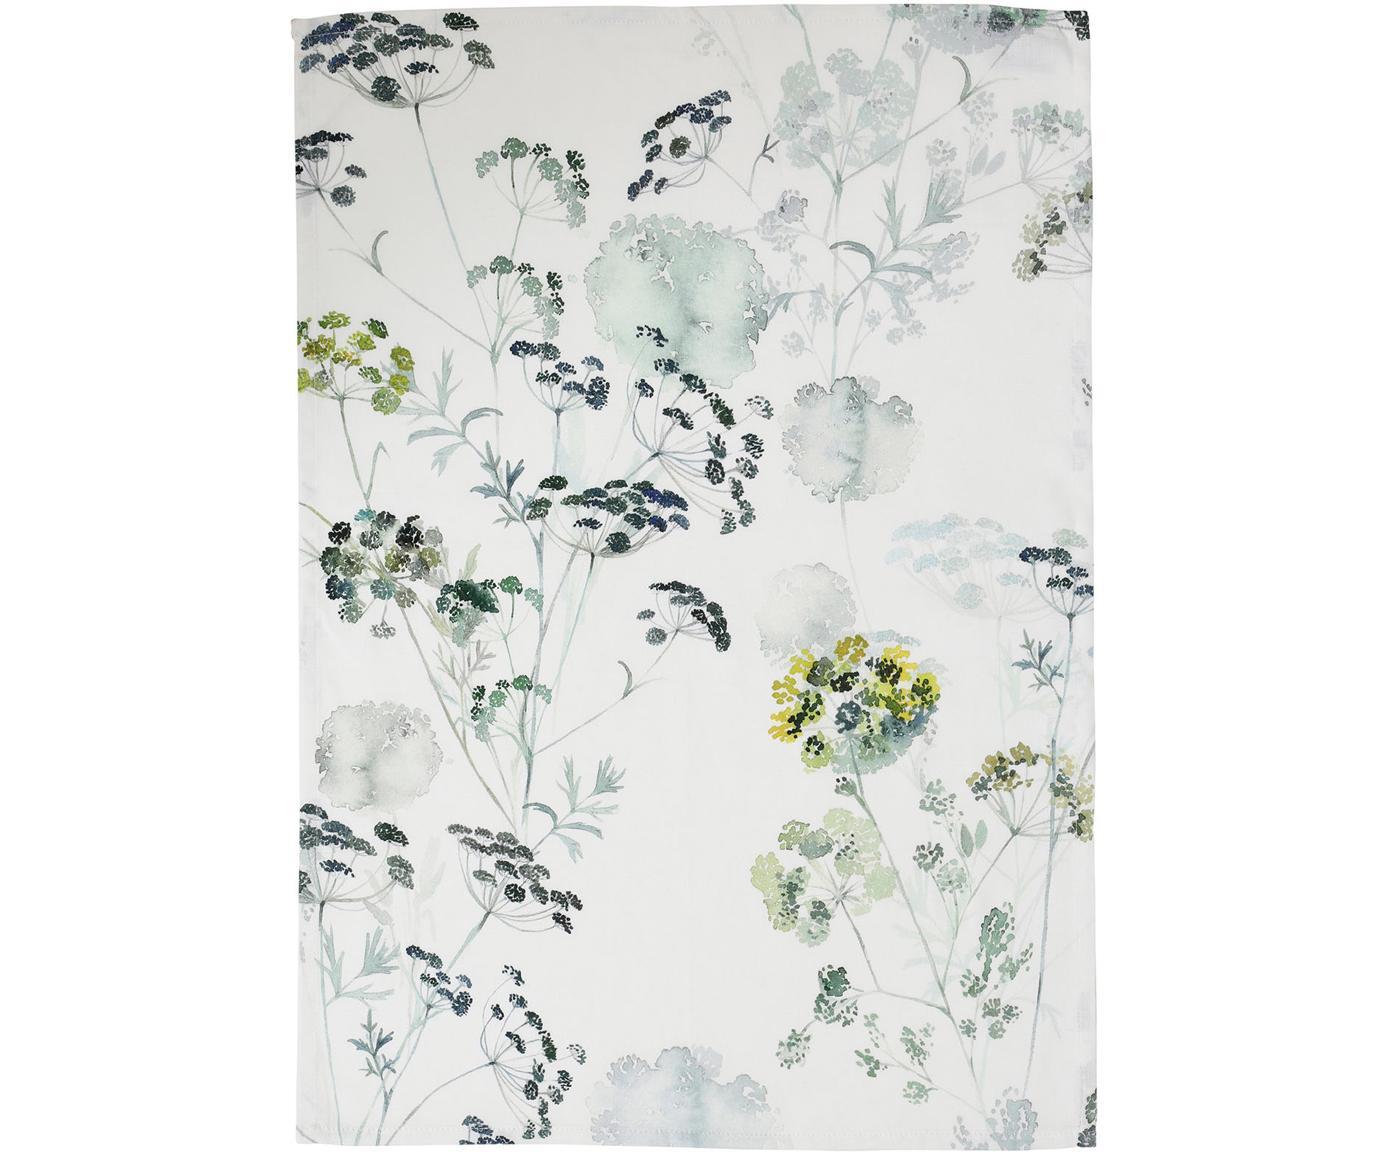 Theedoeken Herbier, 2 stuks, Katoen, Wit, groen, 50 x 70 cm